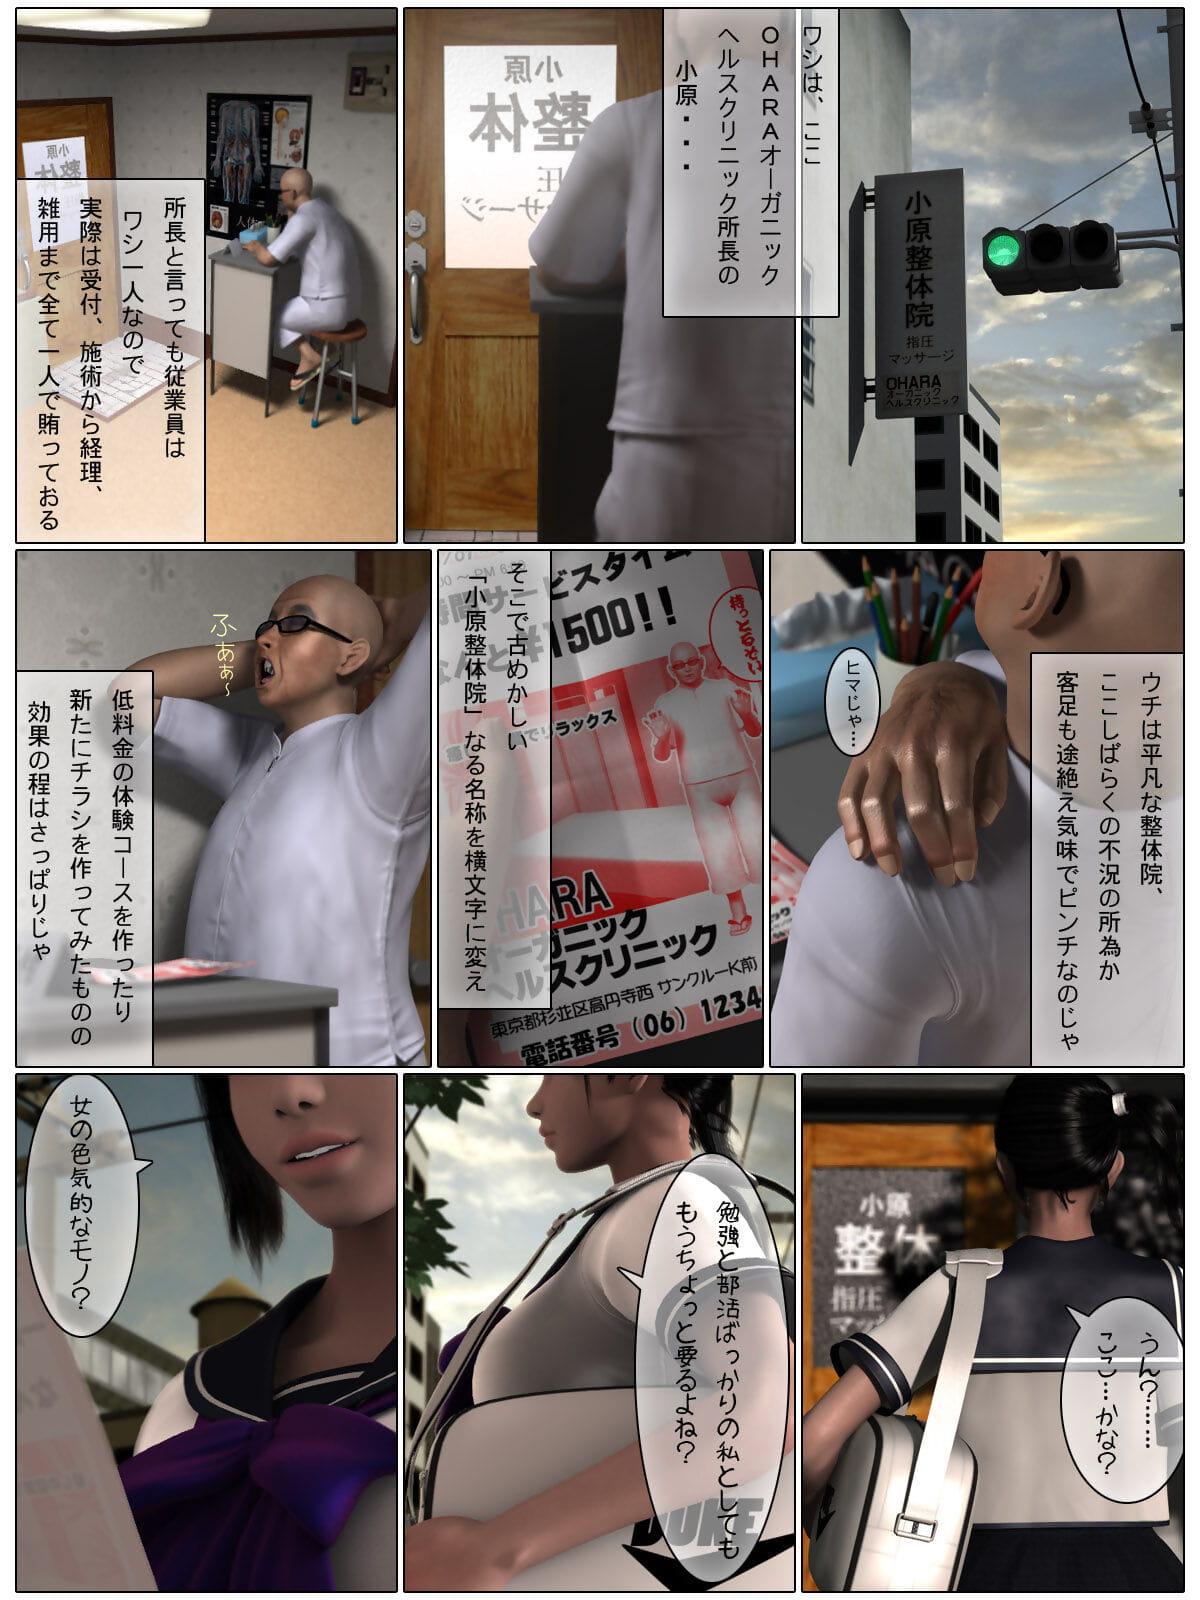 Umemaro 3D Seitaiin ~Eroero Esthe Course~